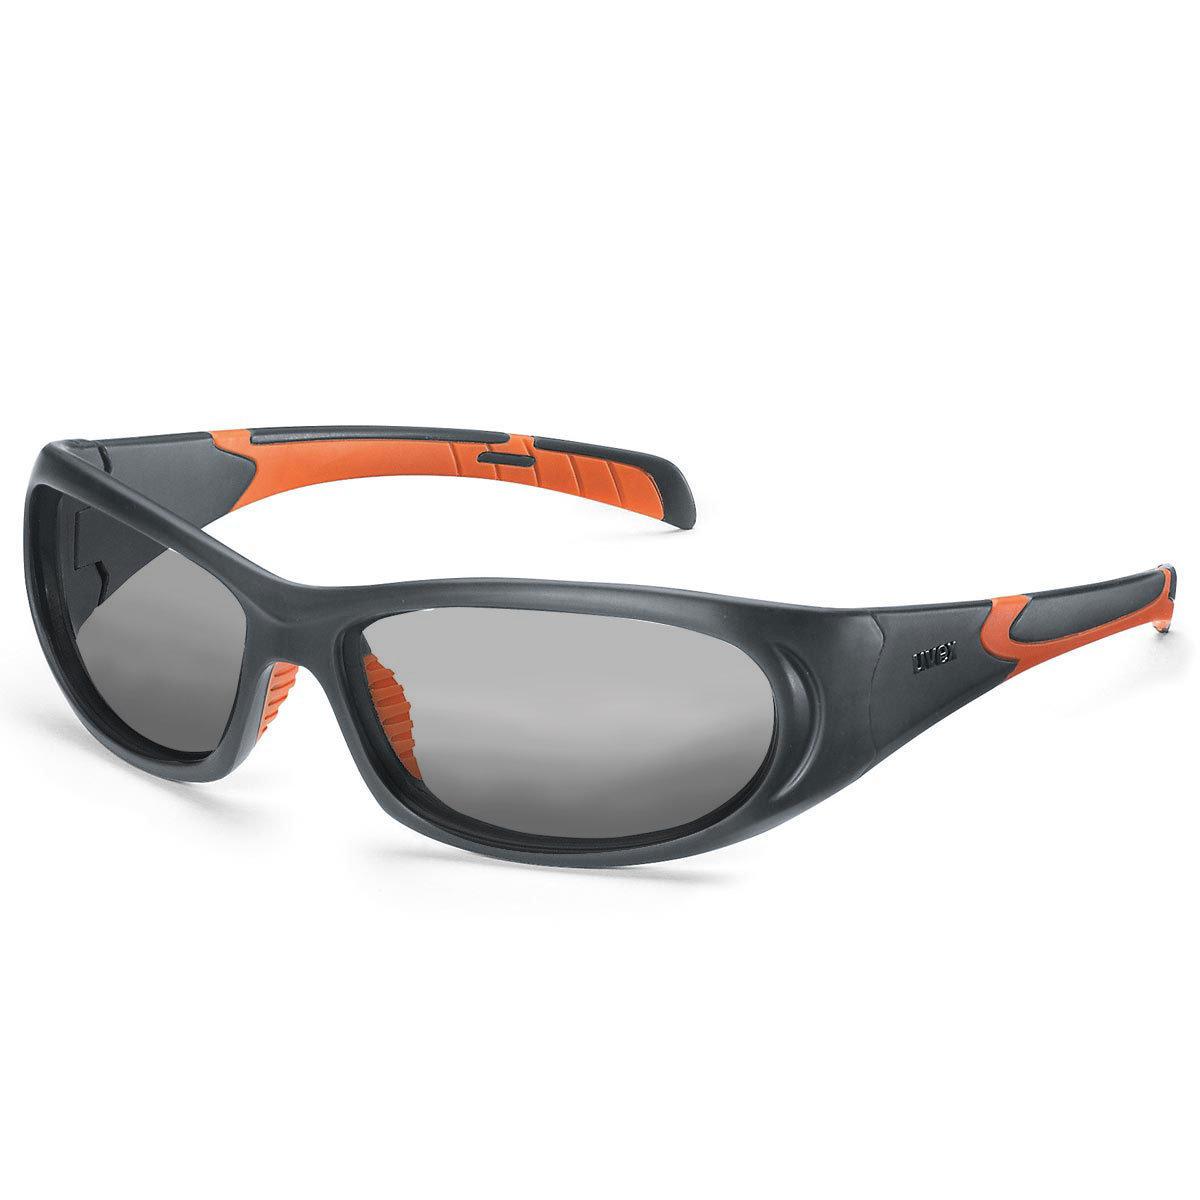 Uvex Korrektionsschutzbrille RX sp 5510 - grau getönt